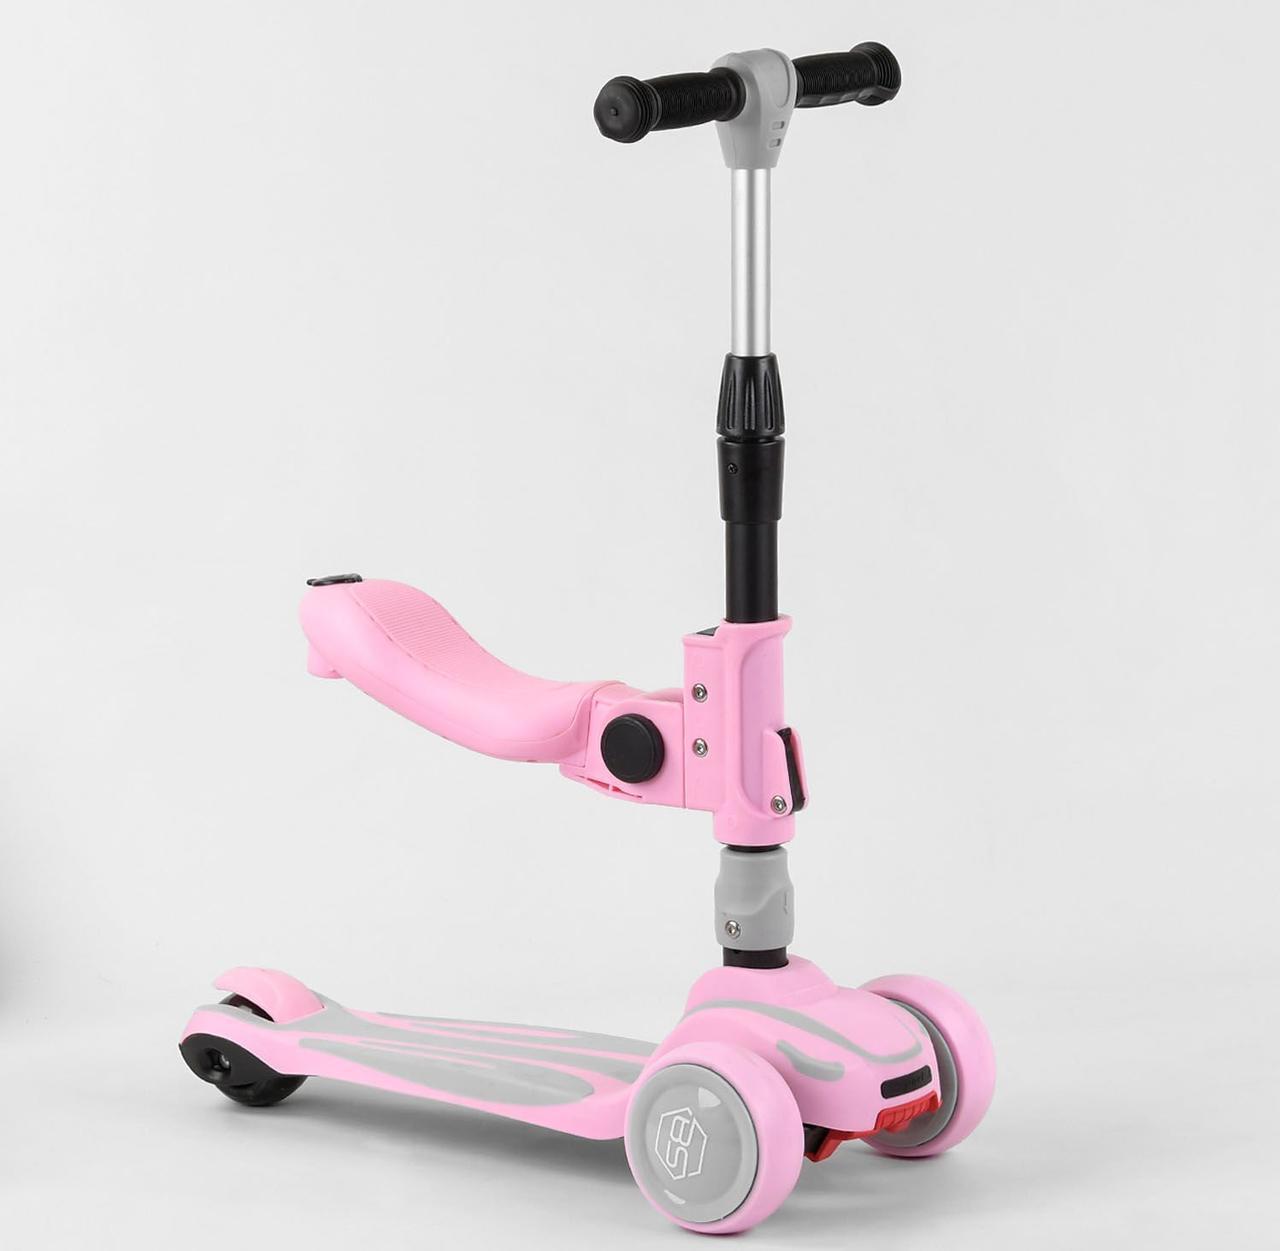 Складной трехколесный самокат с сидением и светящимися колесами ST-15700 Best Scooter MAXI, розовый